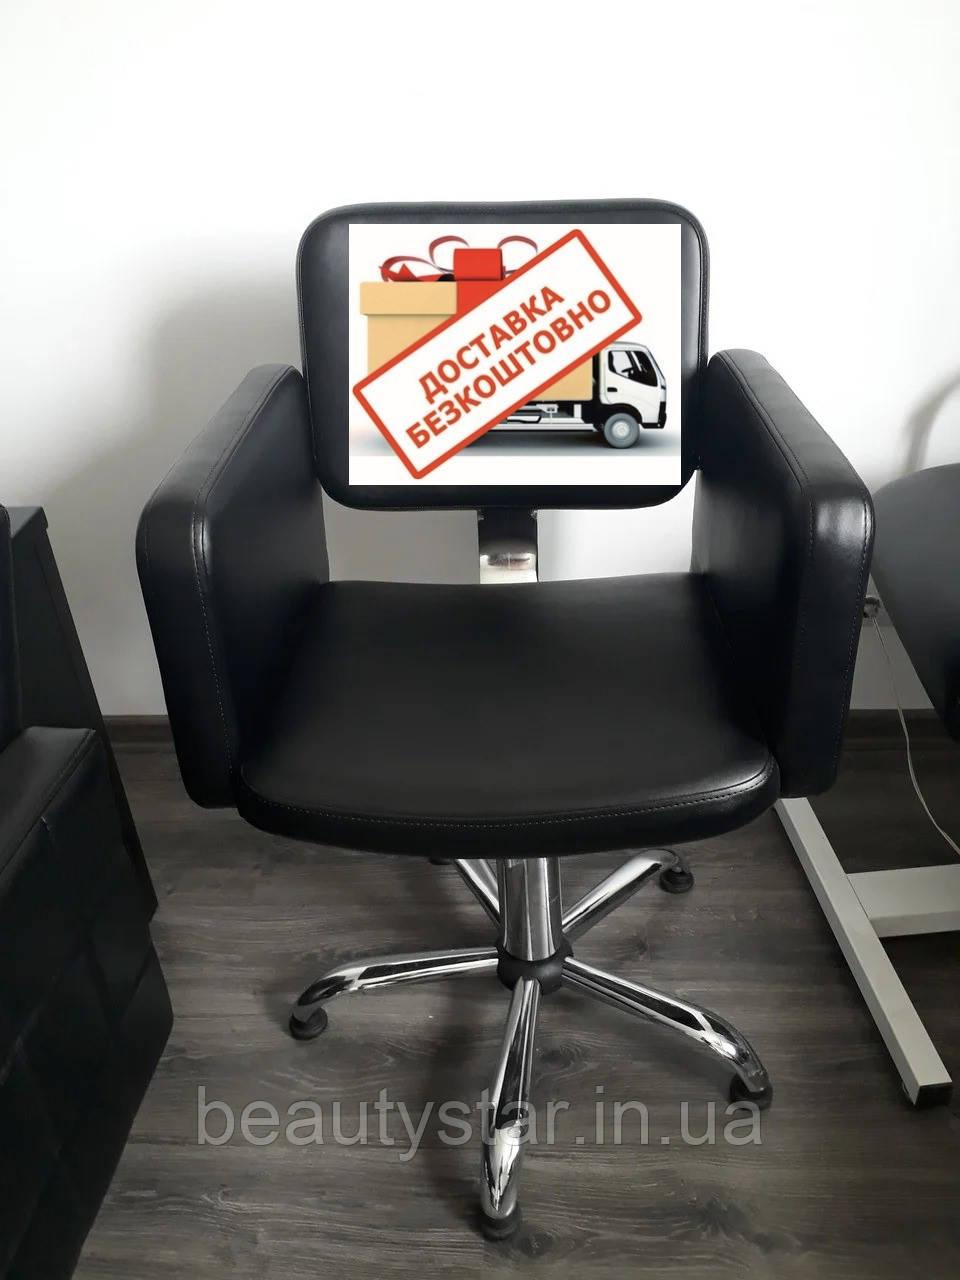 Парикмахерское кресло для парикмахера, кресла парикмахерские для стрижки Олимп